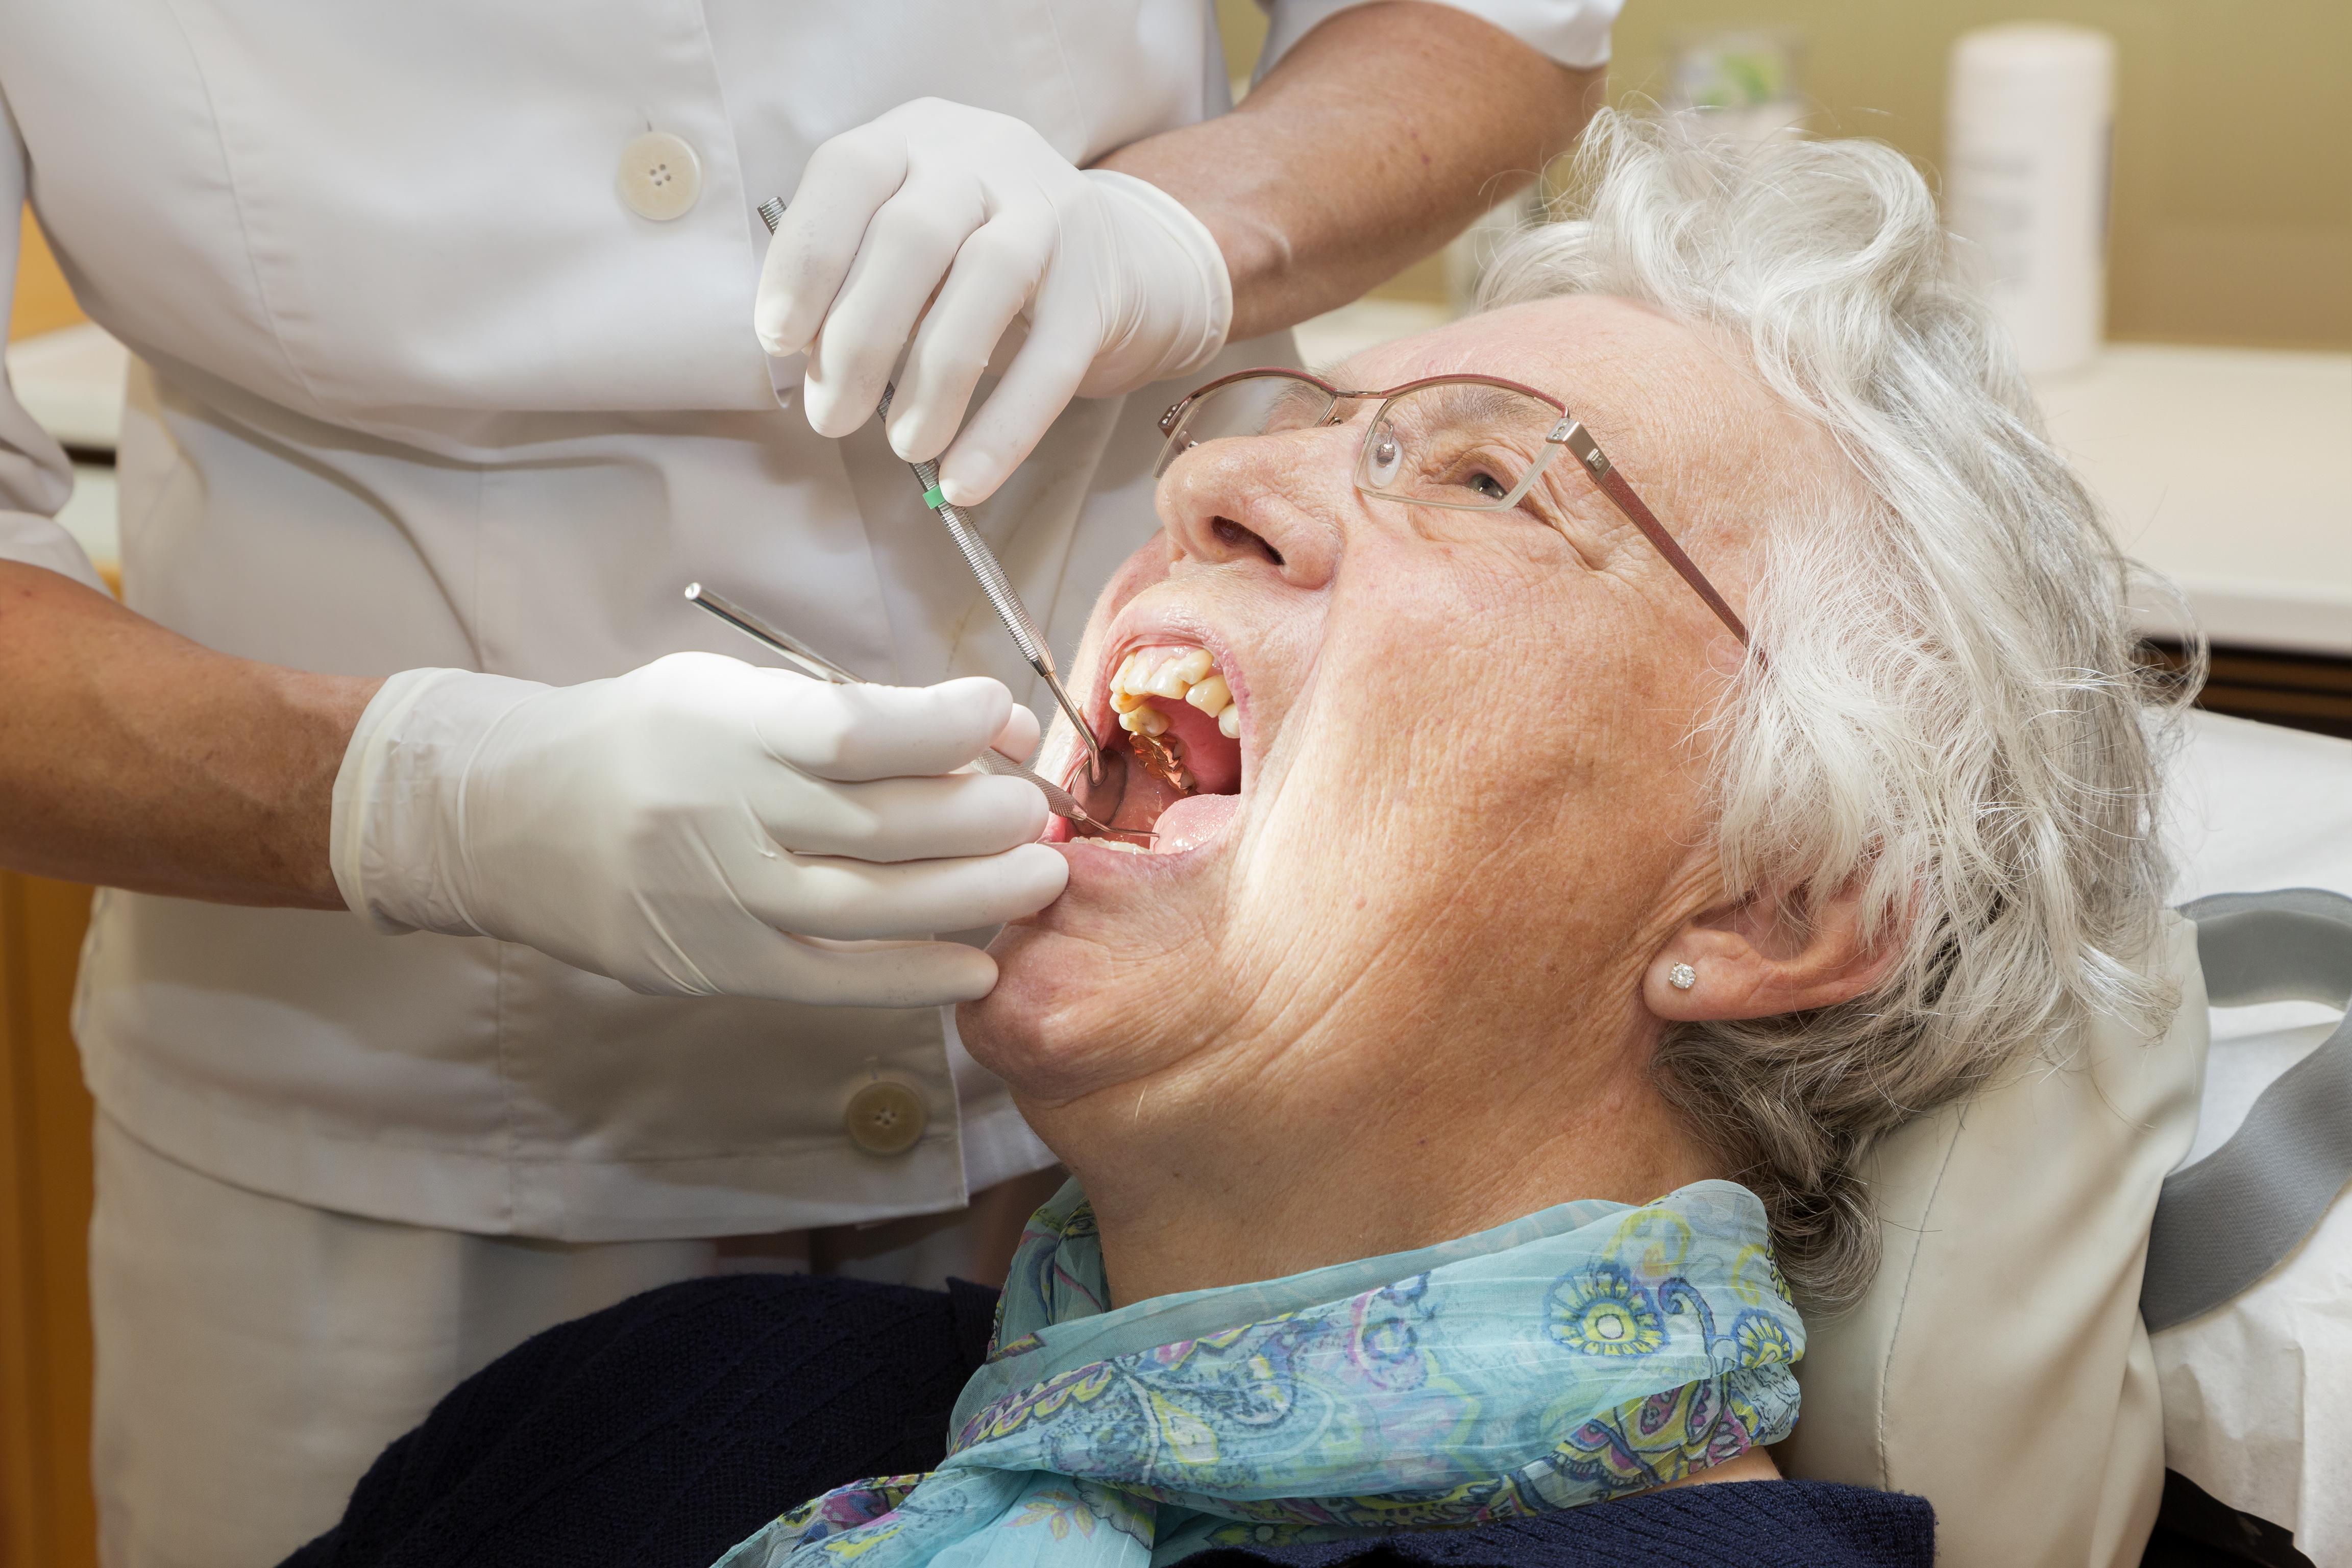 Drygt hälften, 52 procent, av pensionärerna som avstår tandvård har gjort det av ekonomiska skäl.